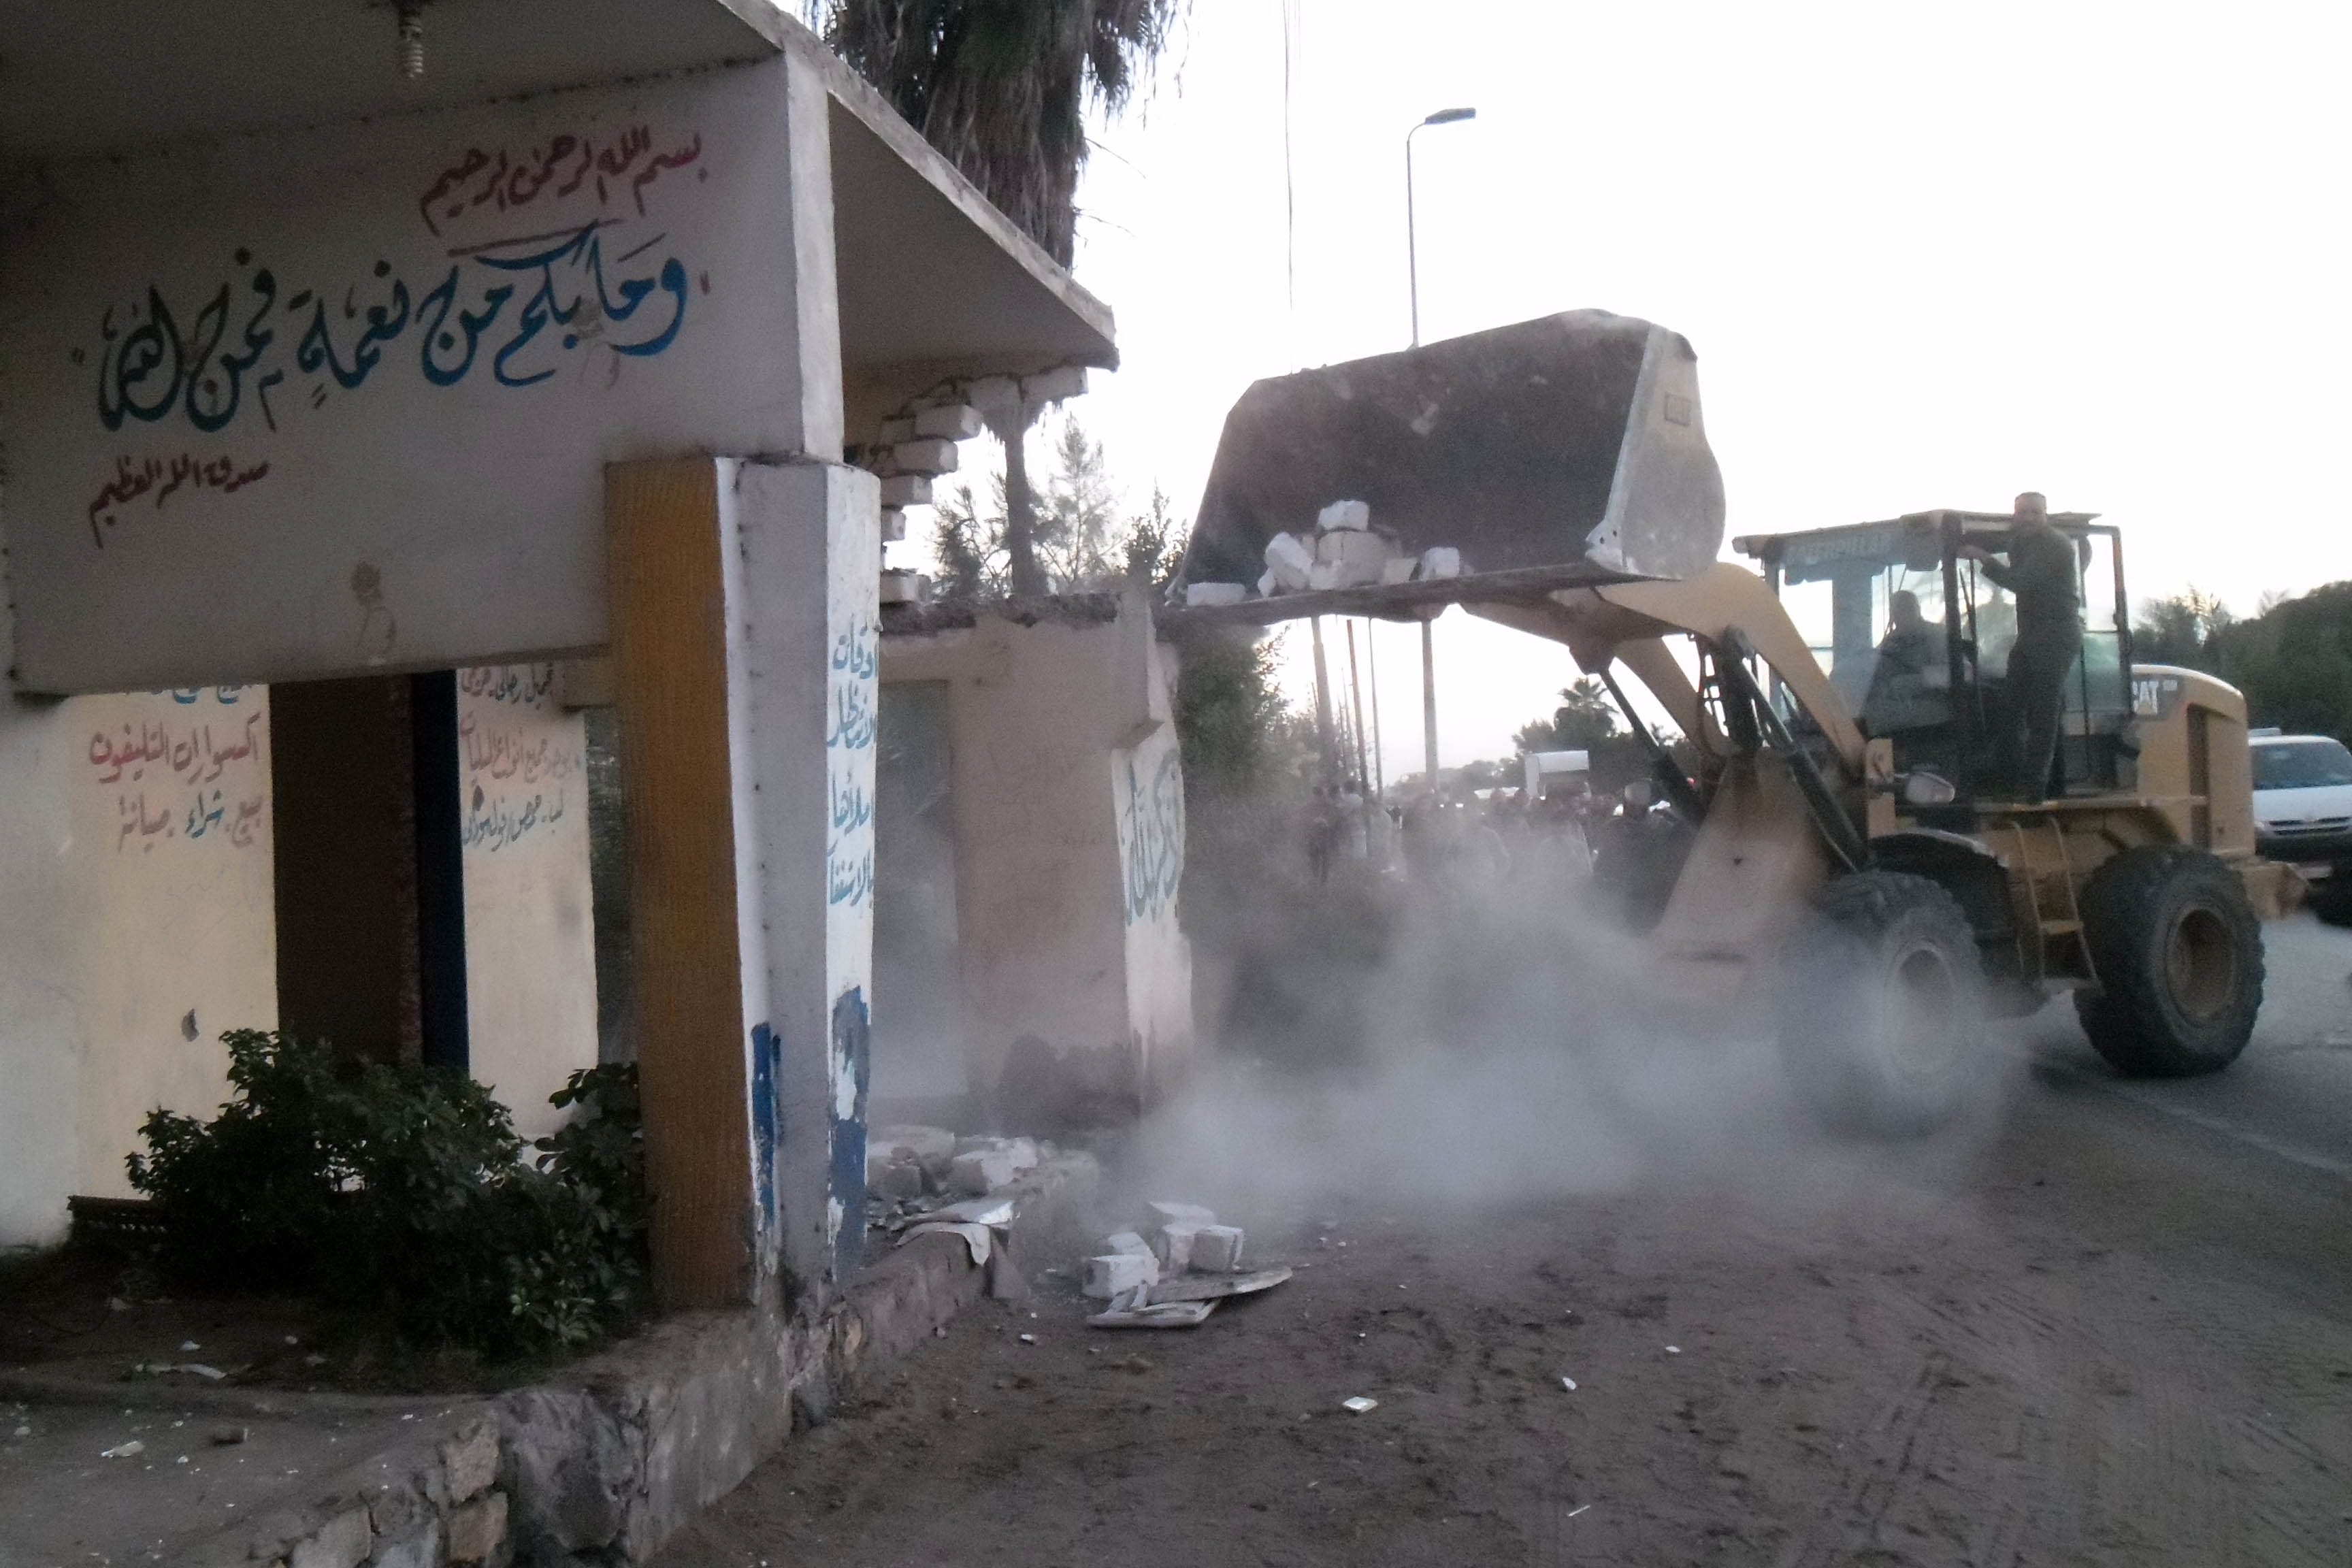 عمليات الإزالة  بمنطقة الحرش  ونطاق القنطرة  غرب - الصور  من ديوان  محافظة الإسماعيلية   (5)